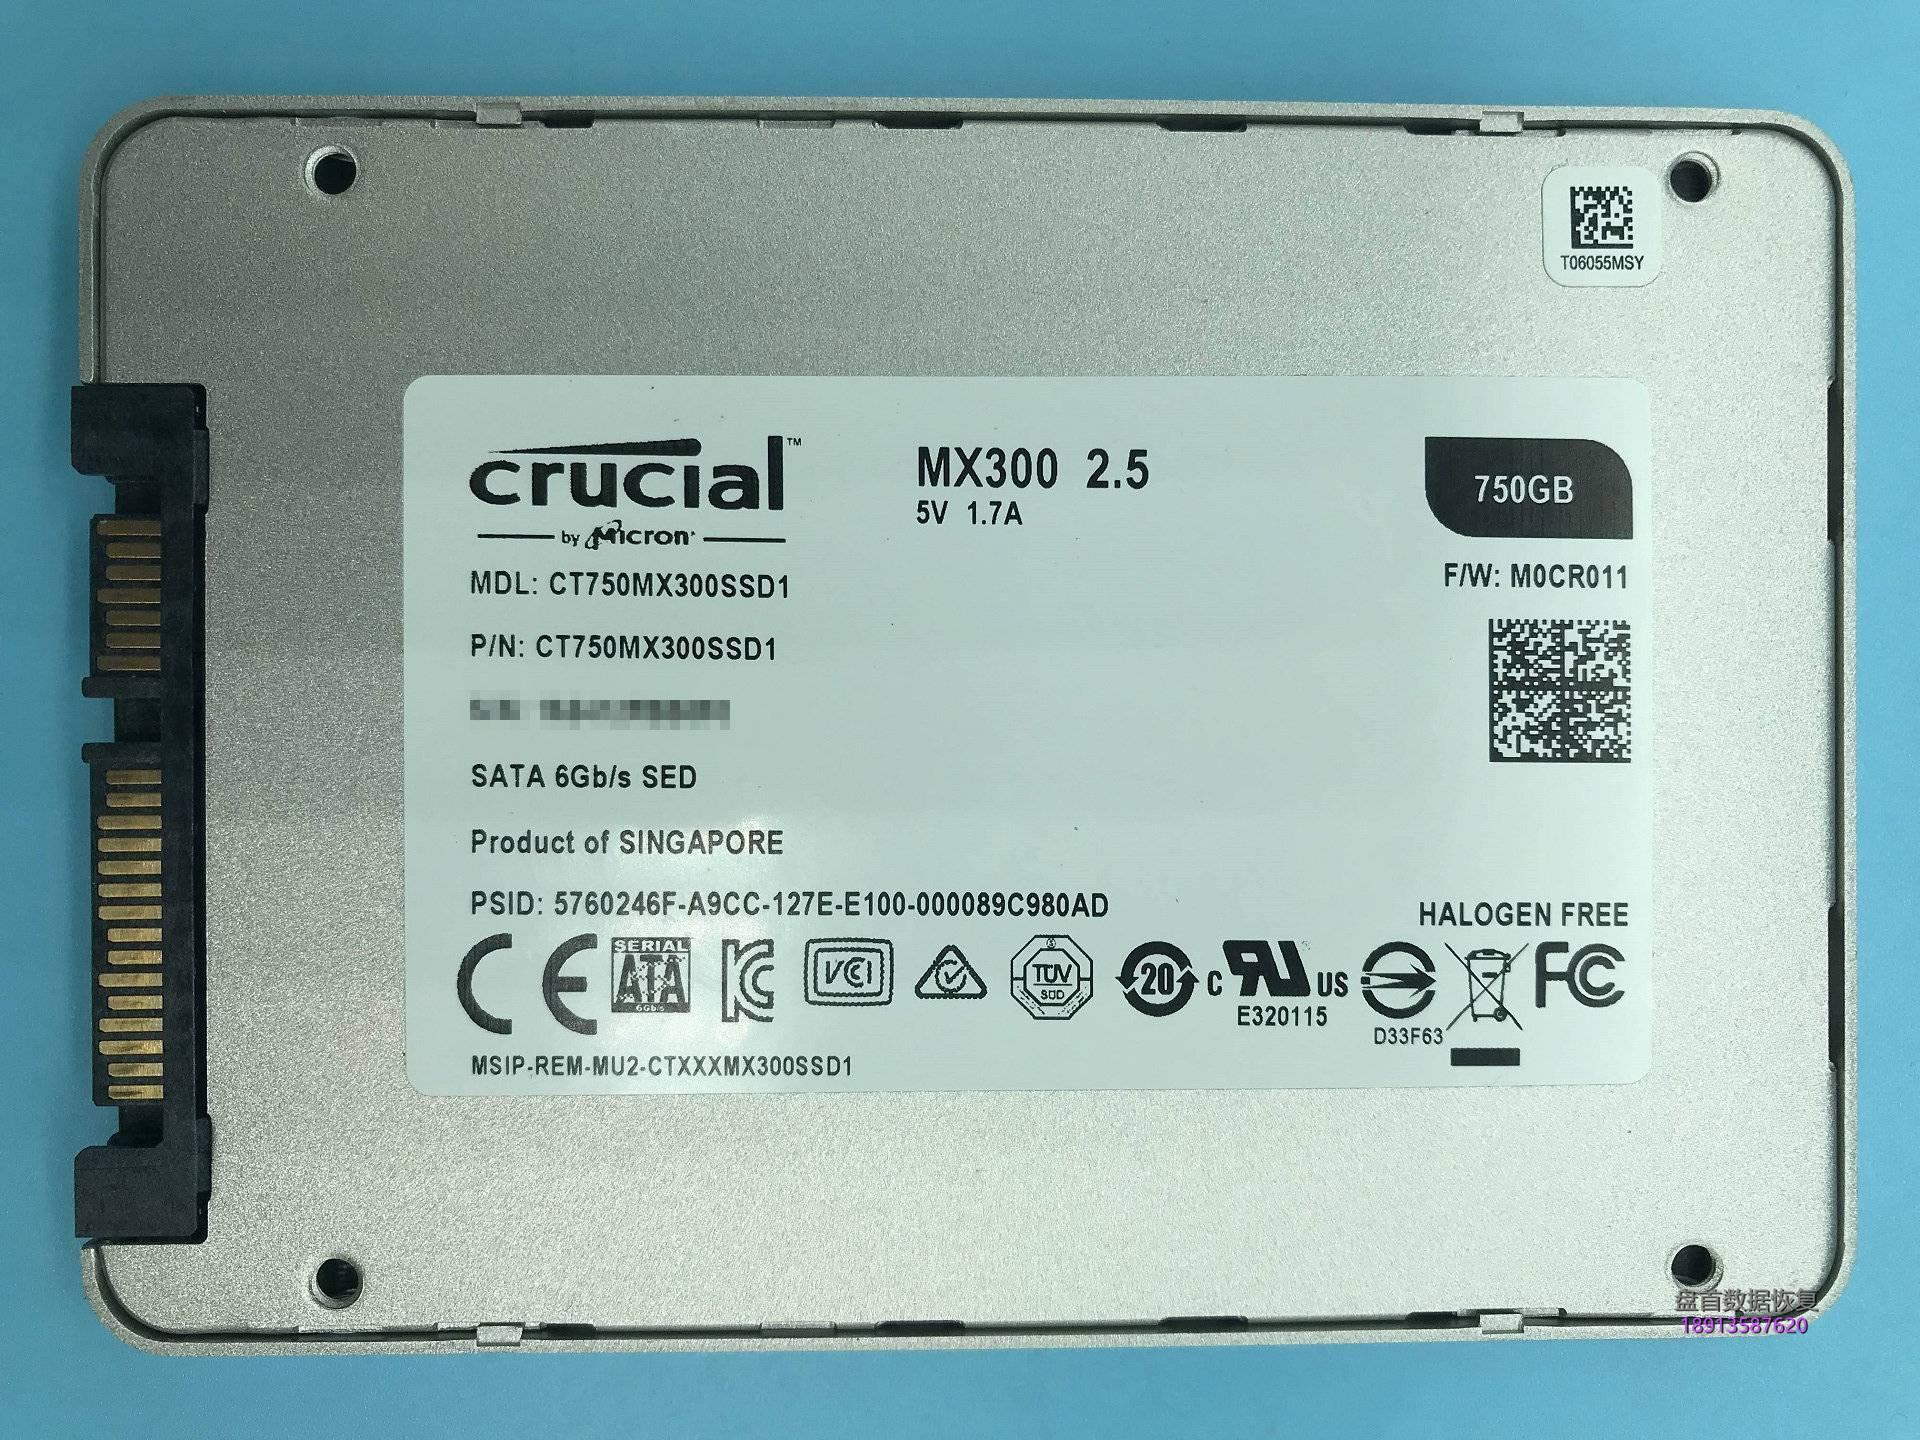 0-12 美光Crucial MX300 750GB CT750MX300SSD1固态硬盘误操作导致Outlook邮件PST文件丢失恢复成功